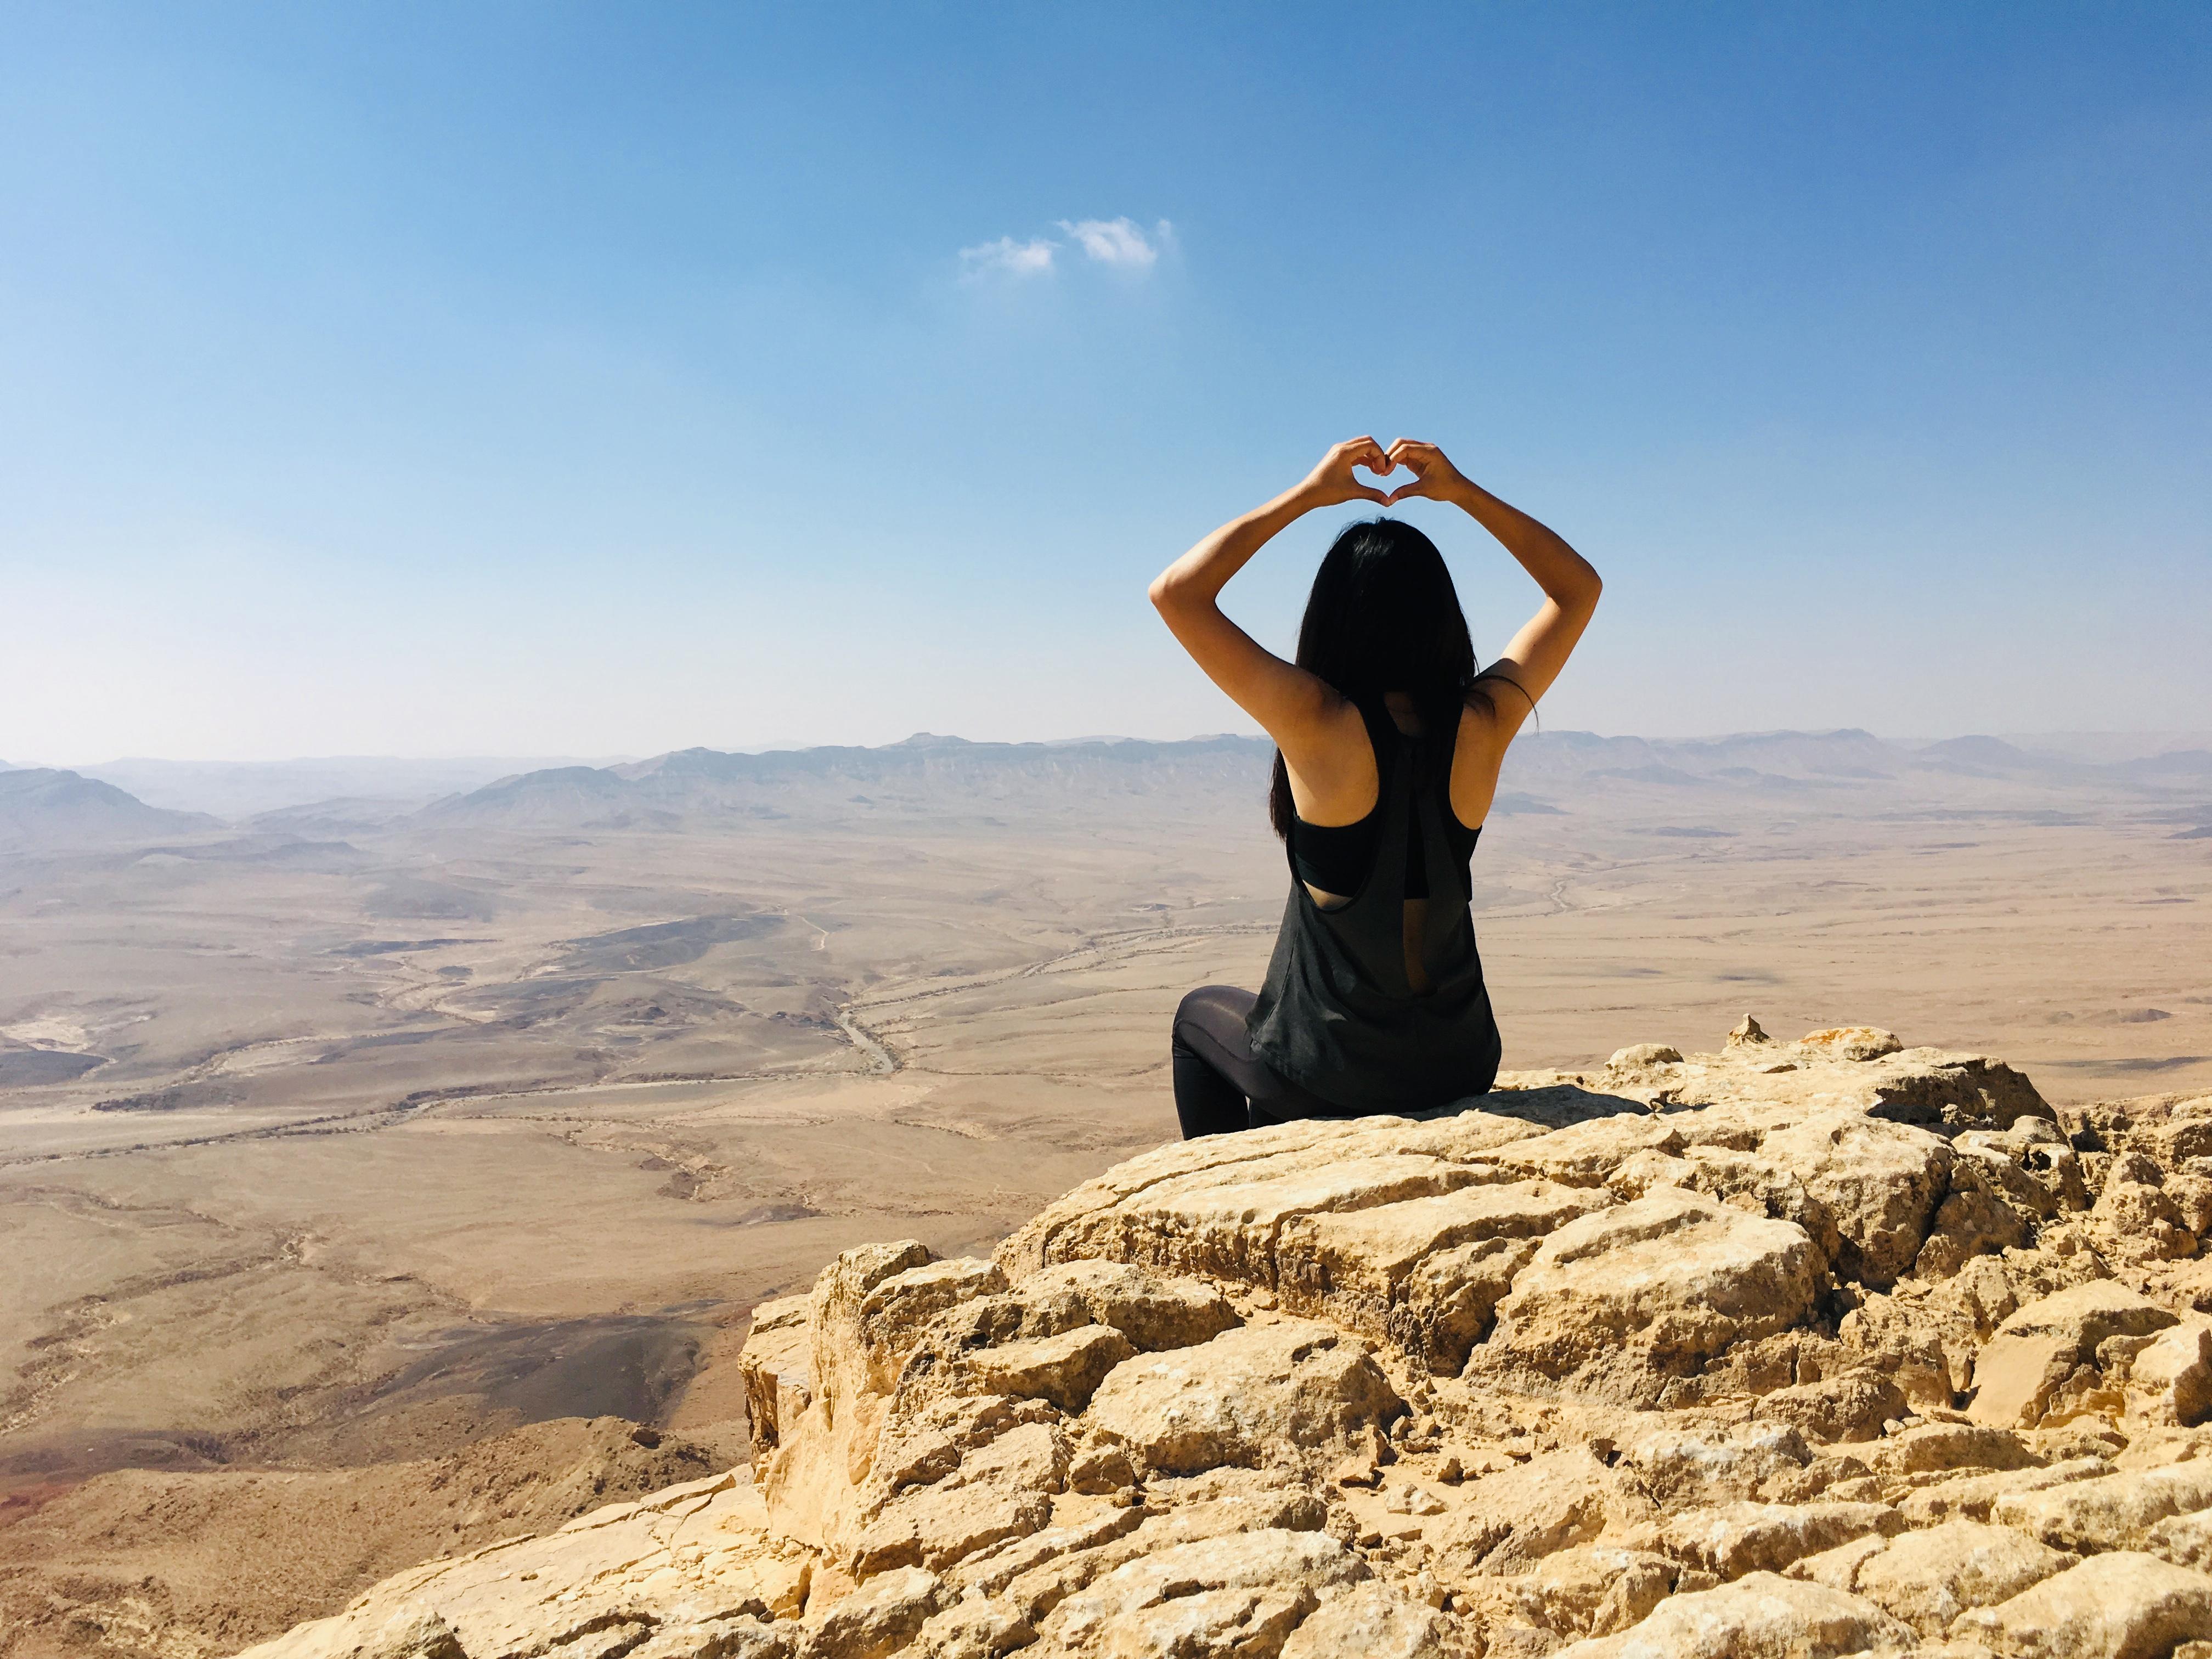 在以色列喜歡一個人旅行,嘗試與自己對話的高珮瑄。 圖/高珮瑄提供